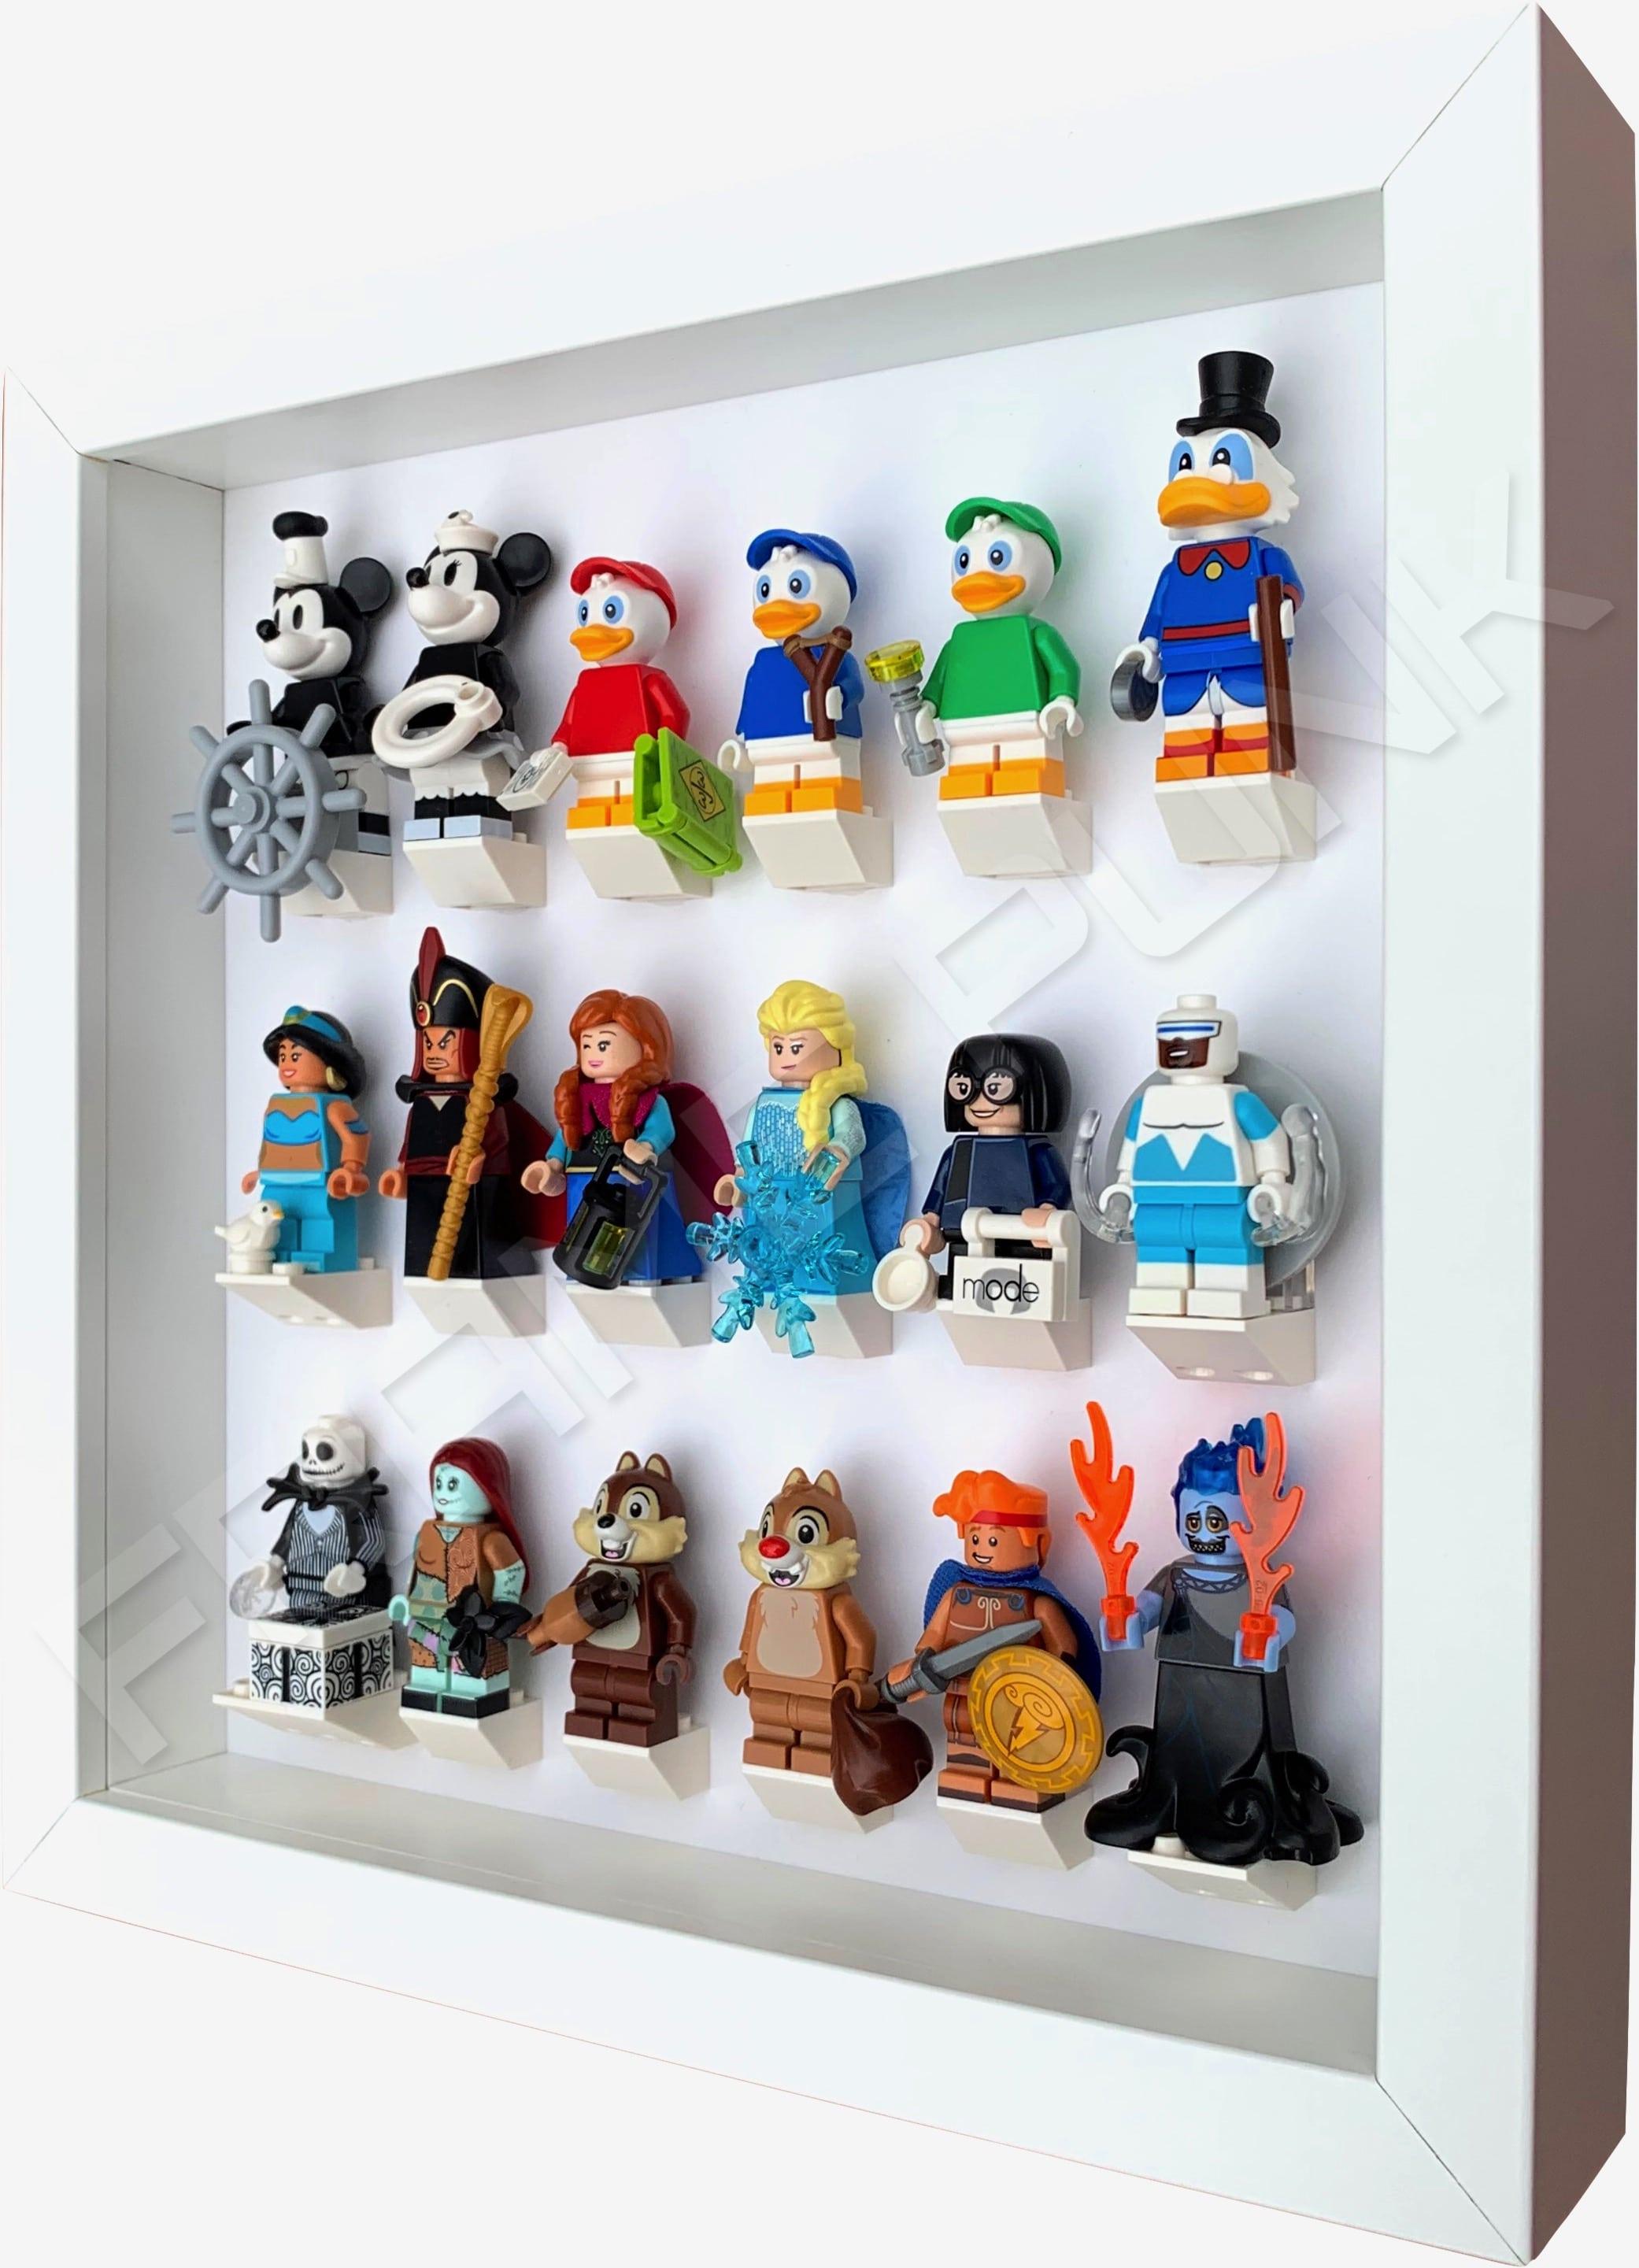 Series 2 Disney Lego Minifigure Display Frame - (AllWhite)